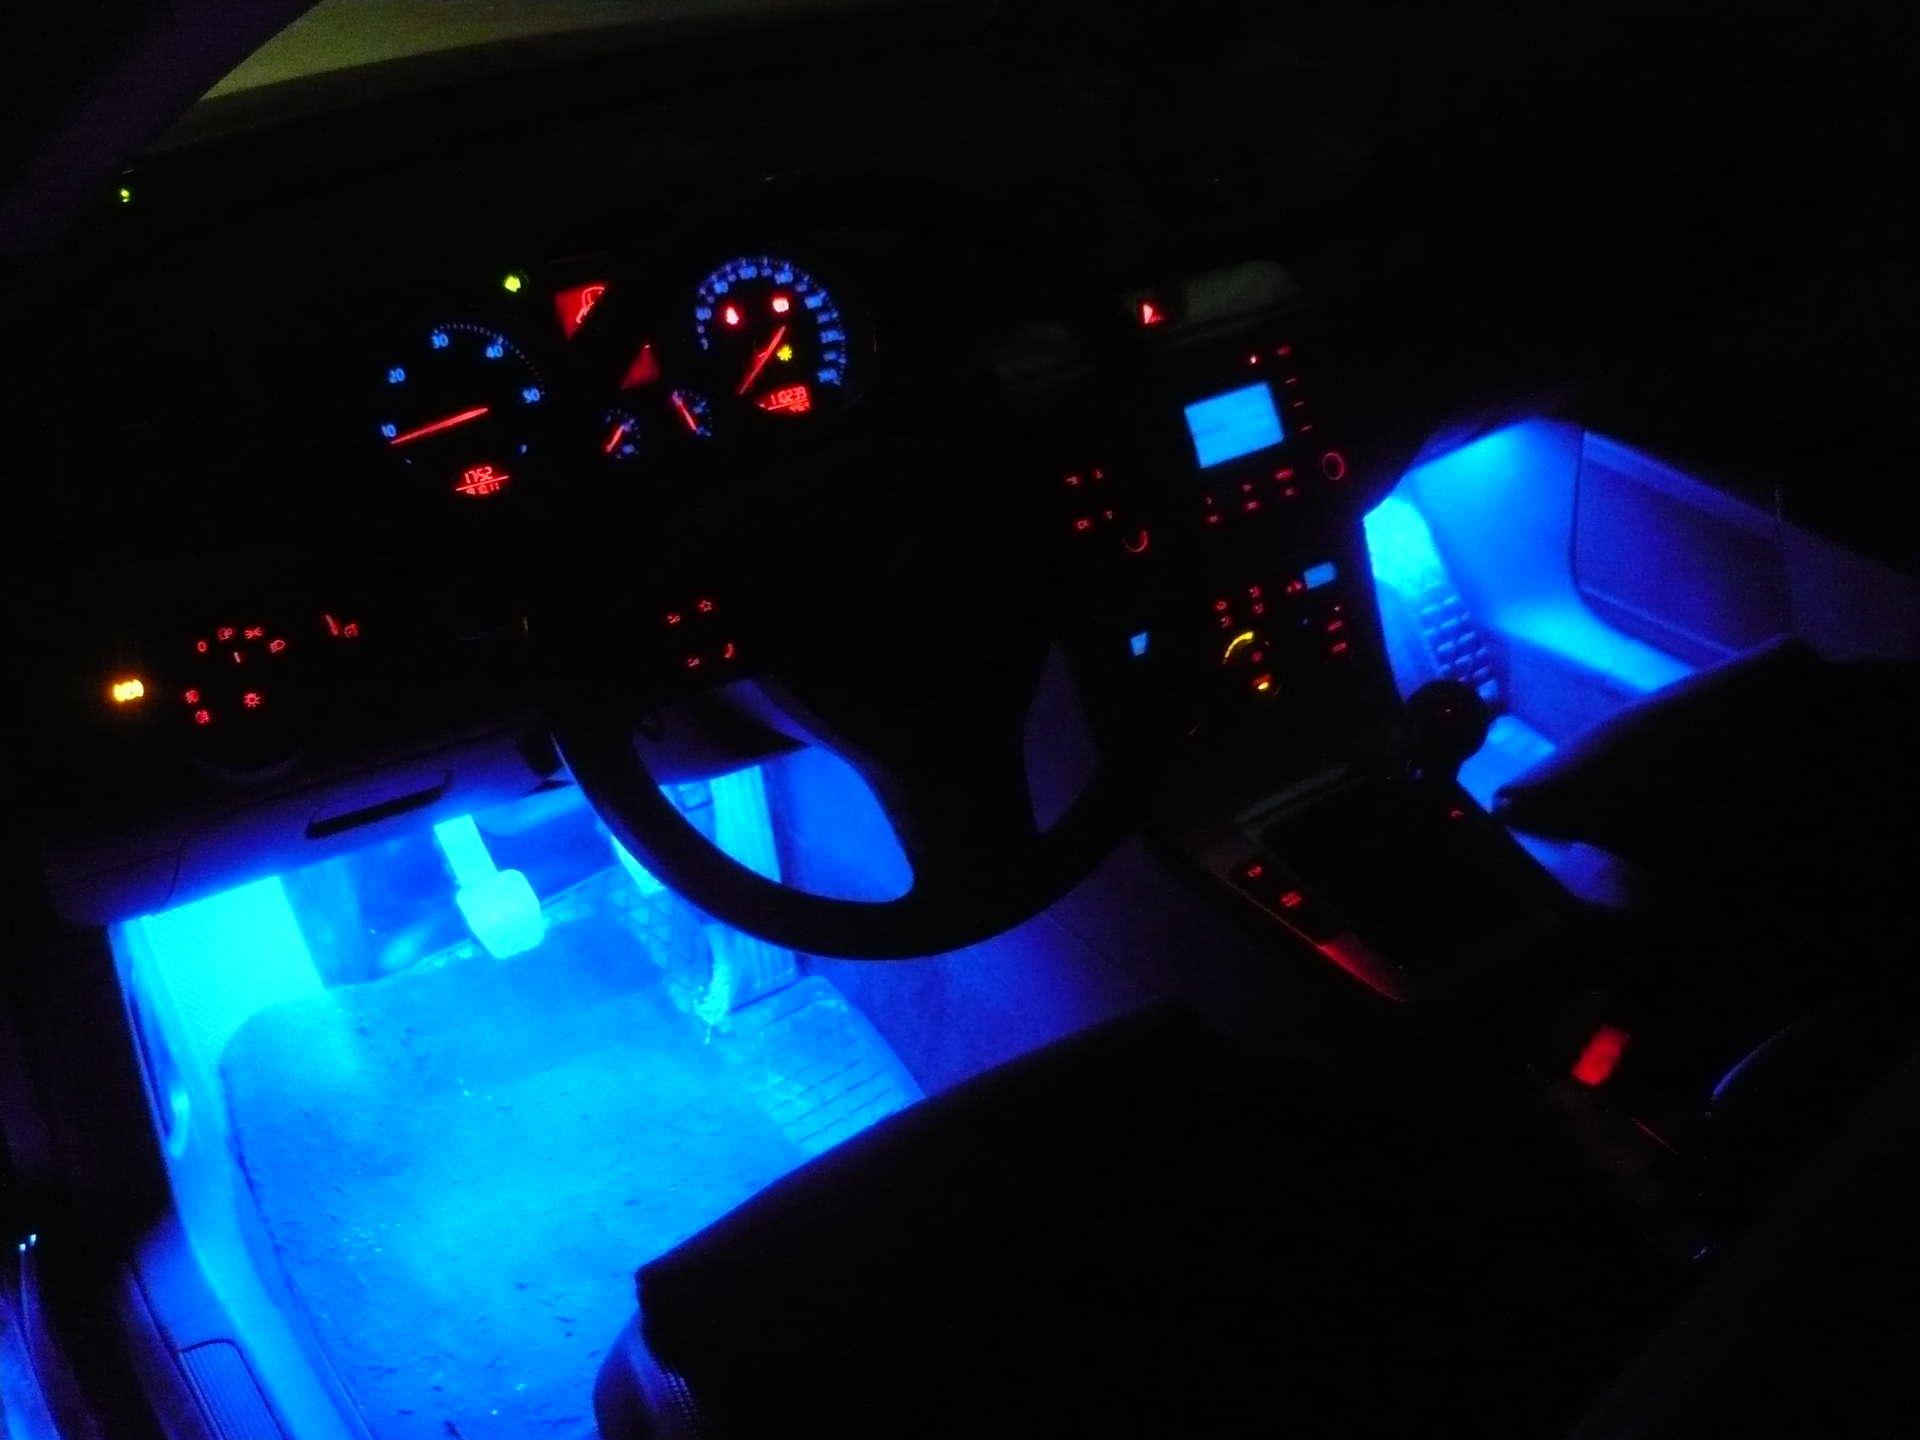 Подсветка днища автомобиля: что выбрать и как установить 17